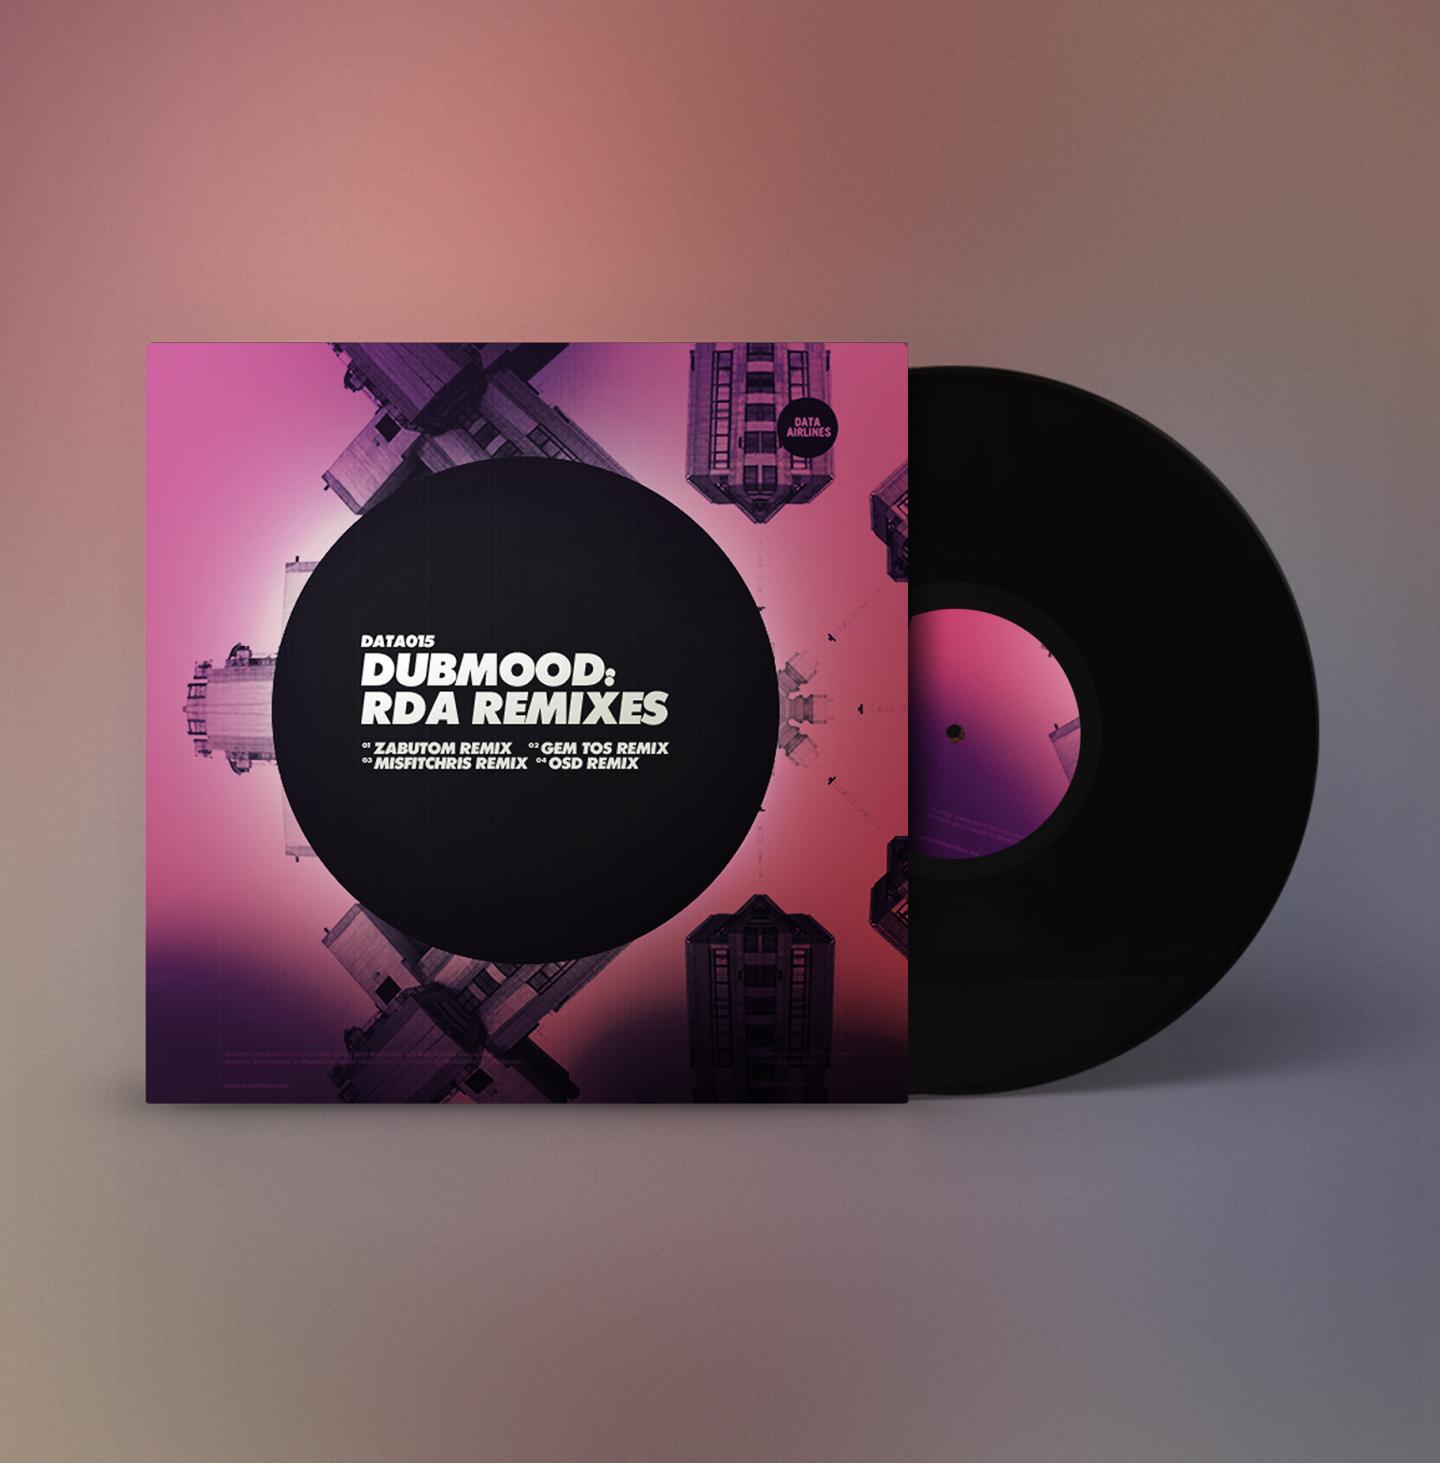 Dubmood — RDA Remixes